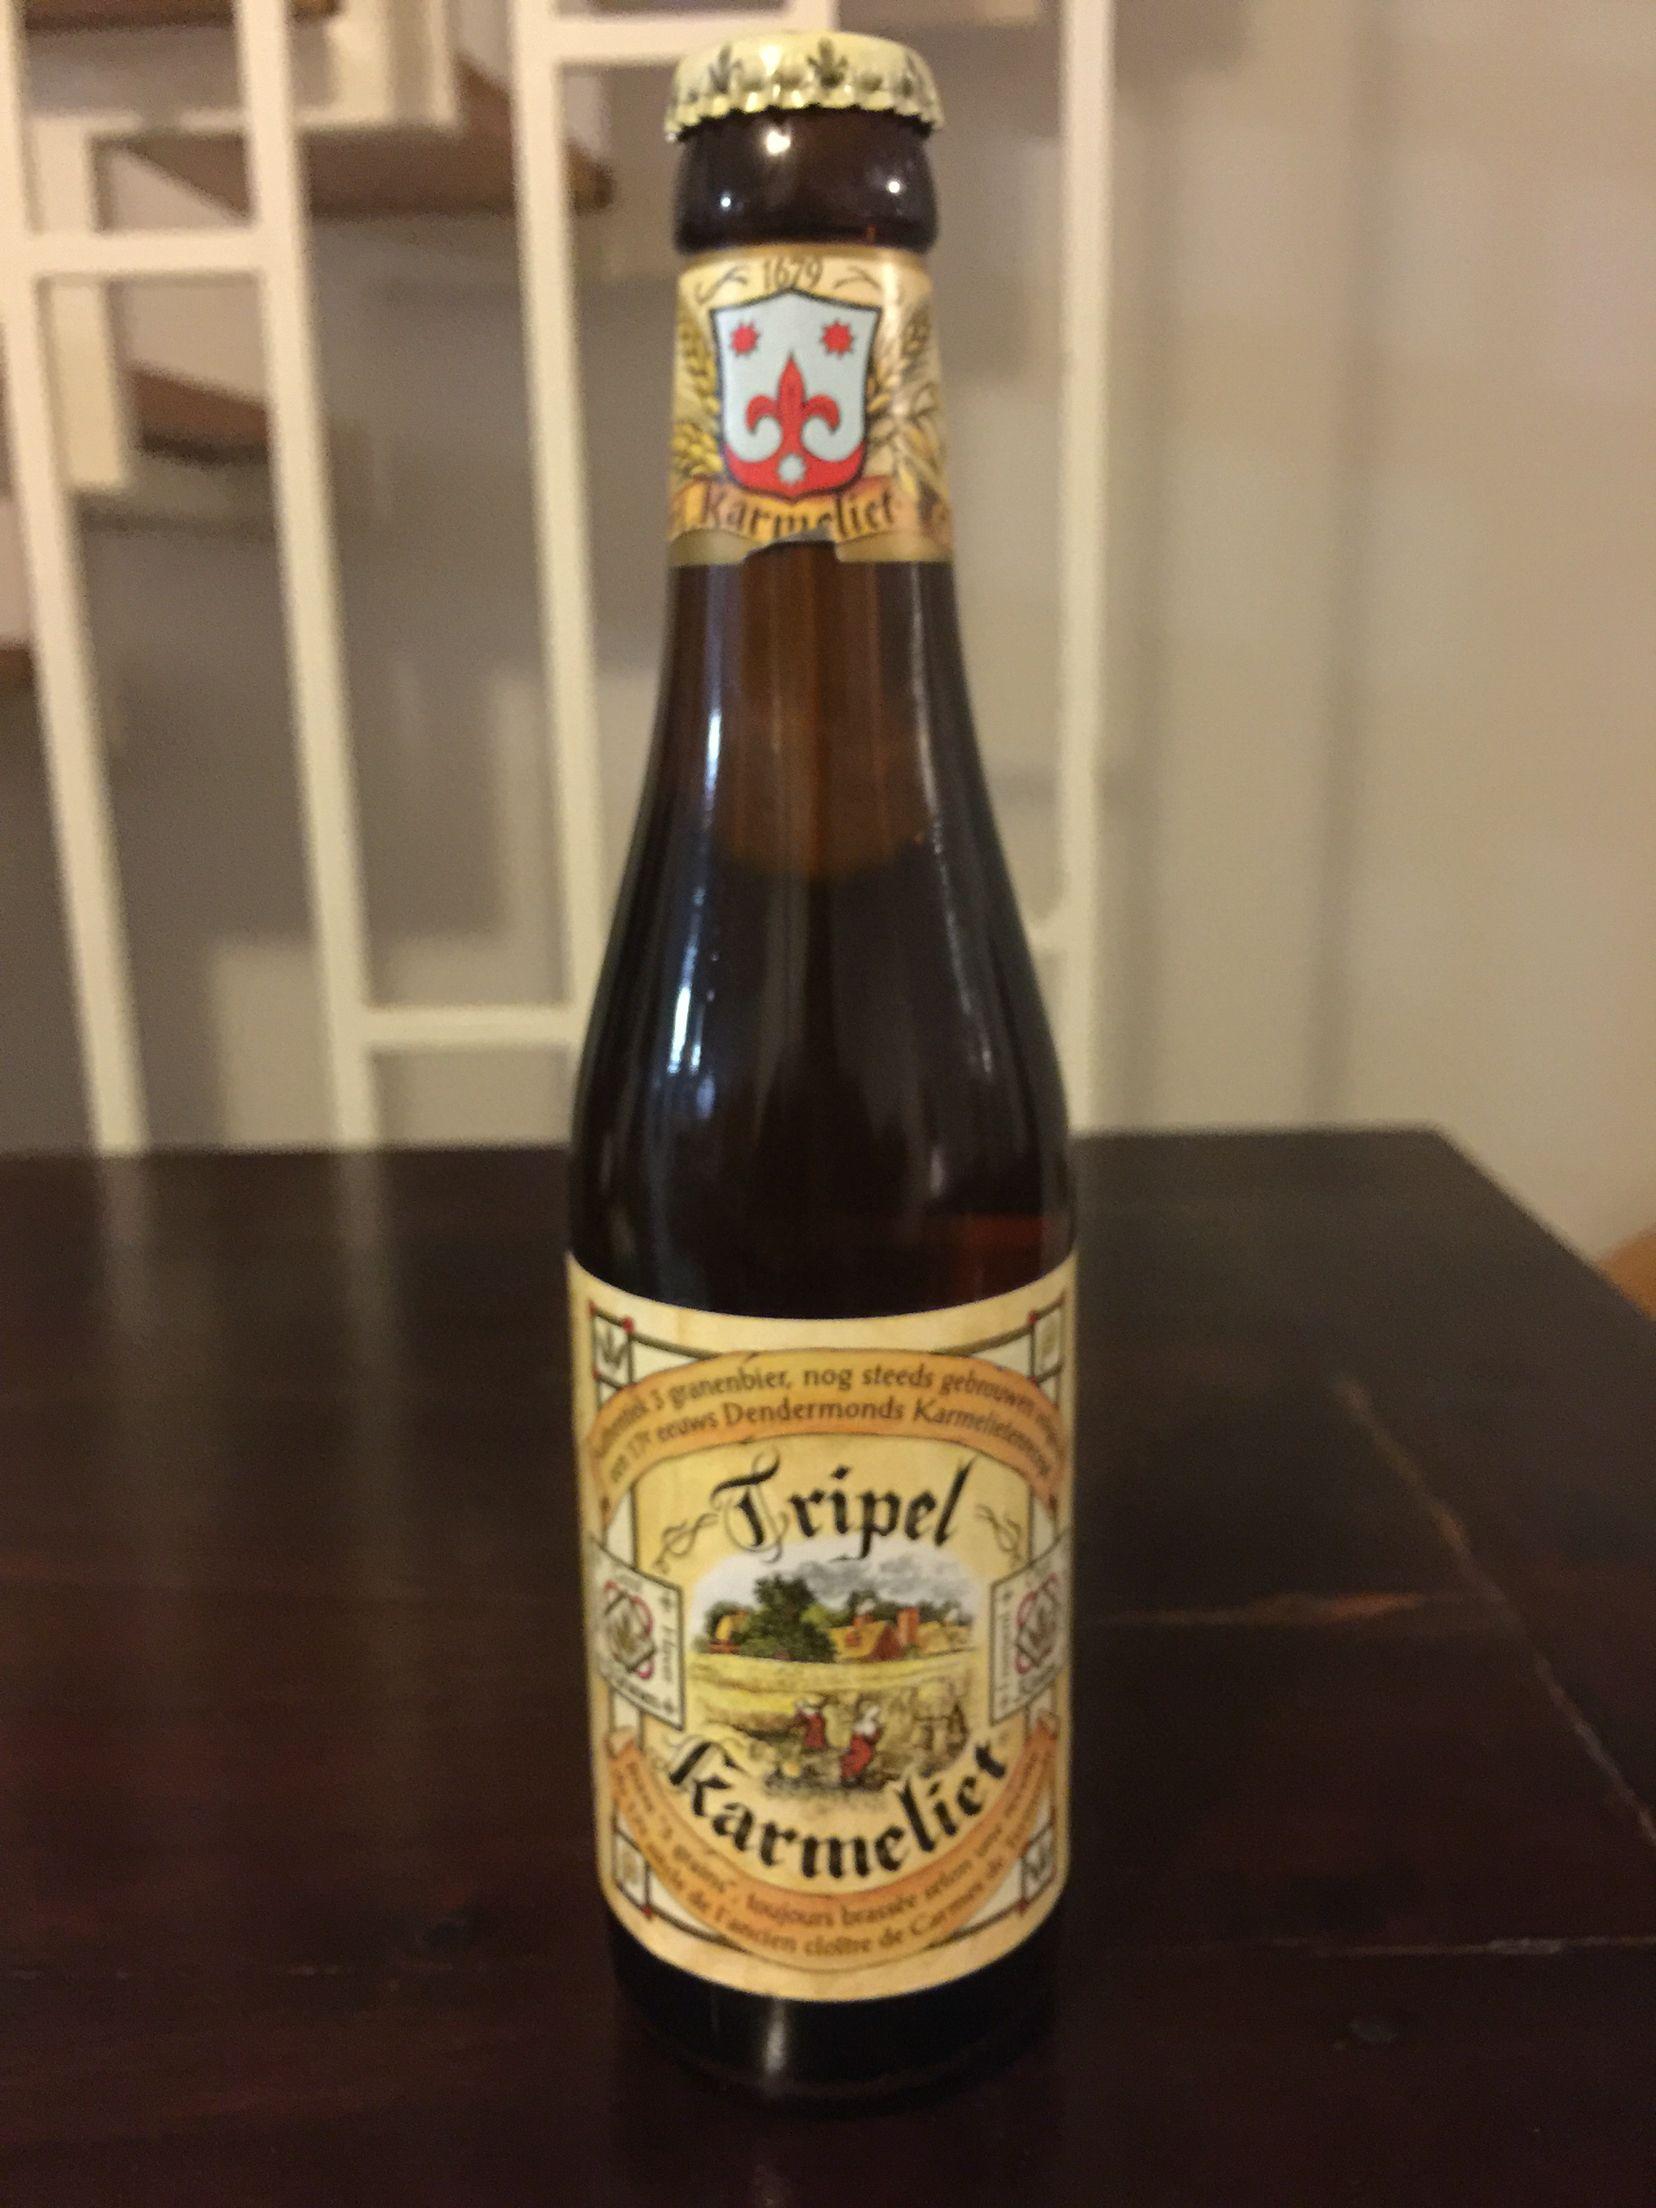 Tripel Karmeliet   Beer bottle, Beer glasses, Beer